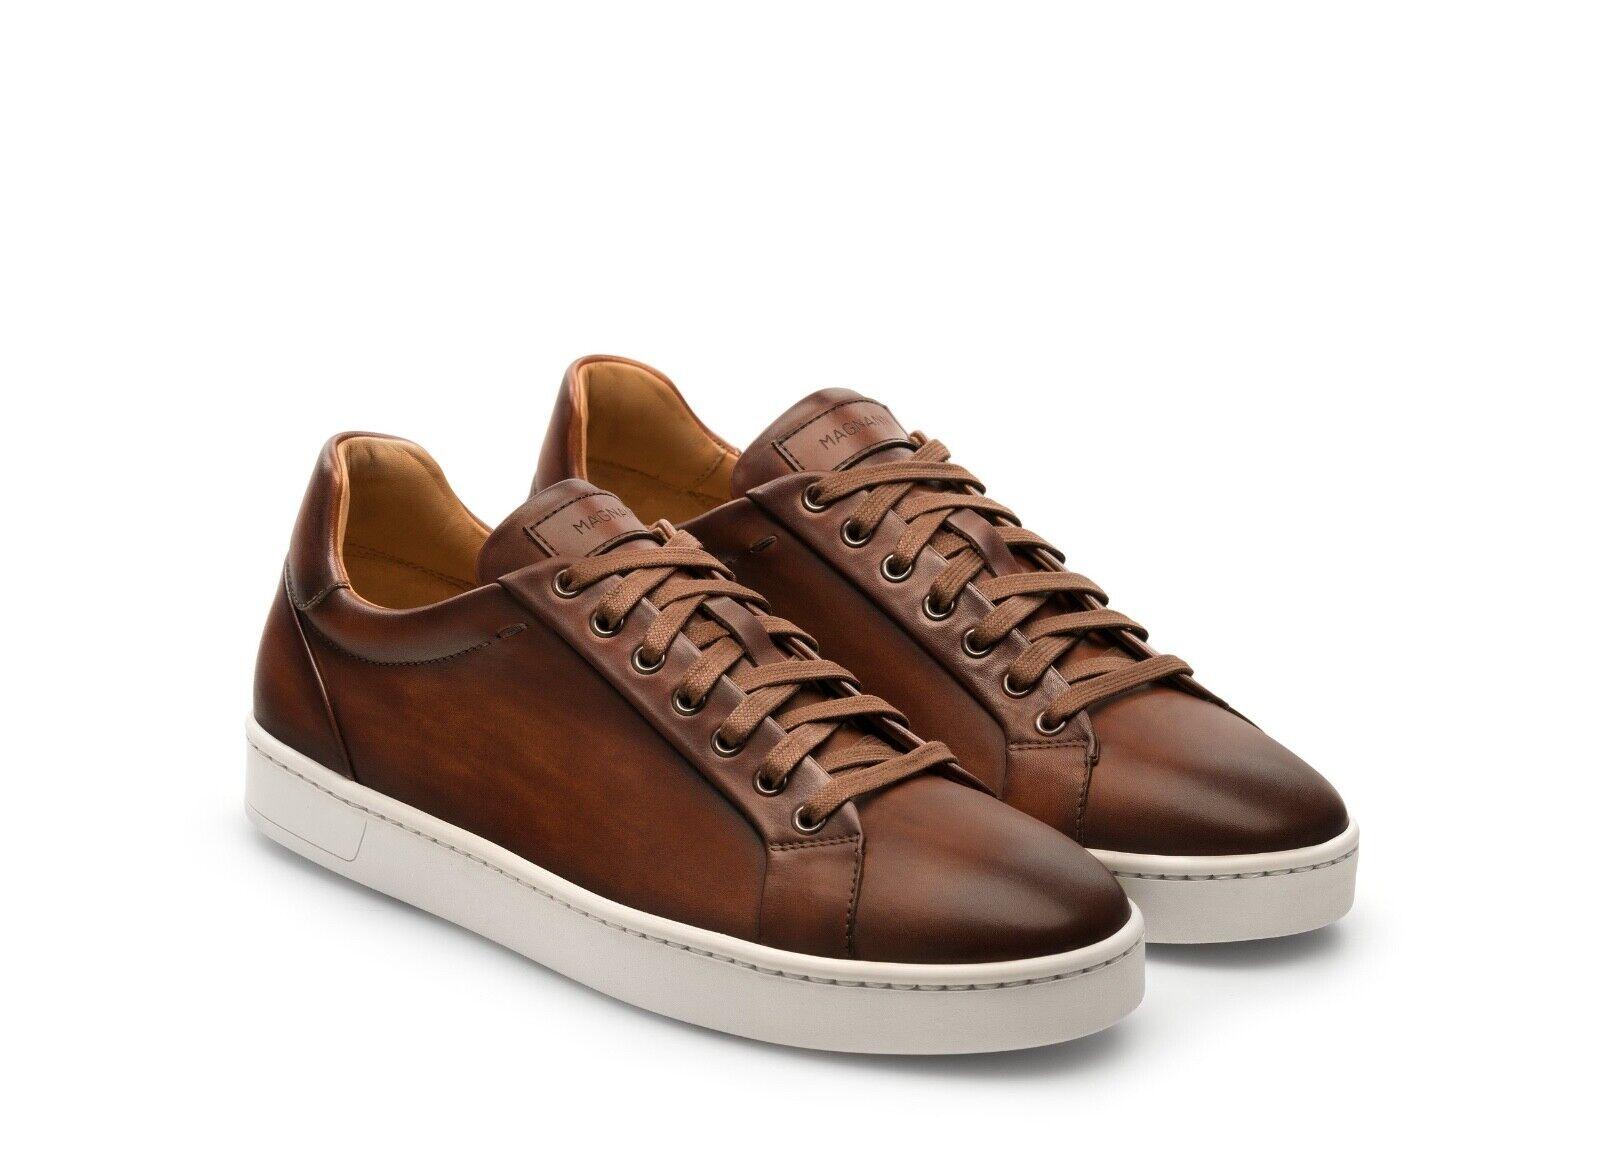 325 Magnanni ELONSO lo Cognac Marrón Cuero Tenis Zapatos 9